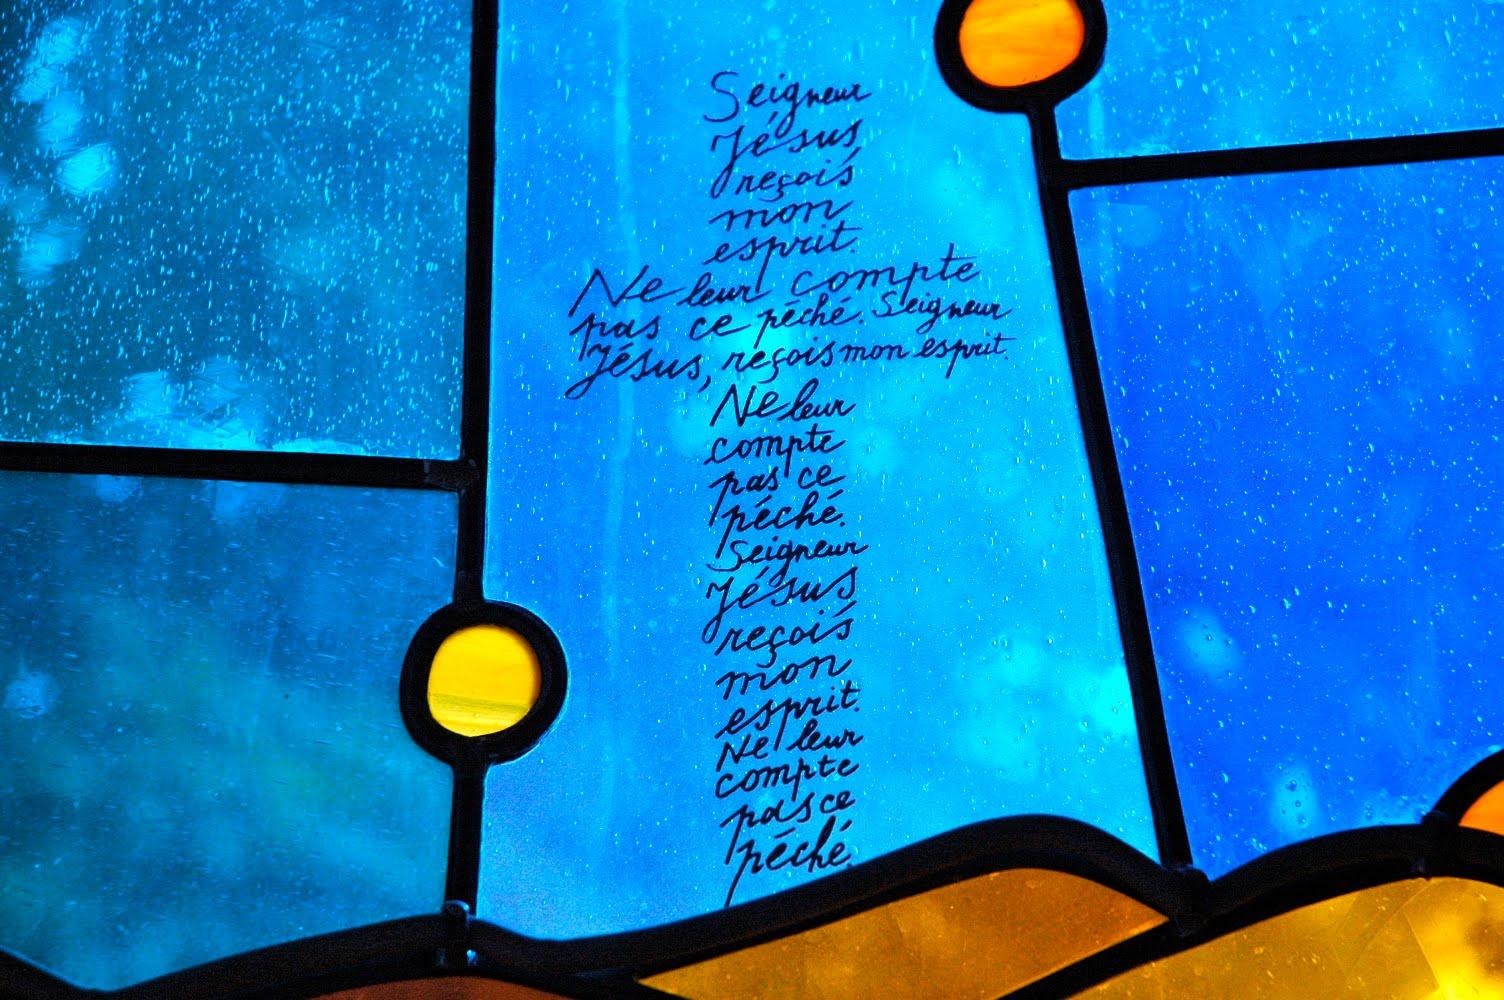 18 de nov 2010 part i - 1 part 3